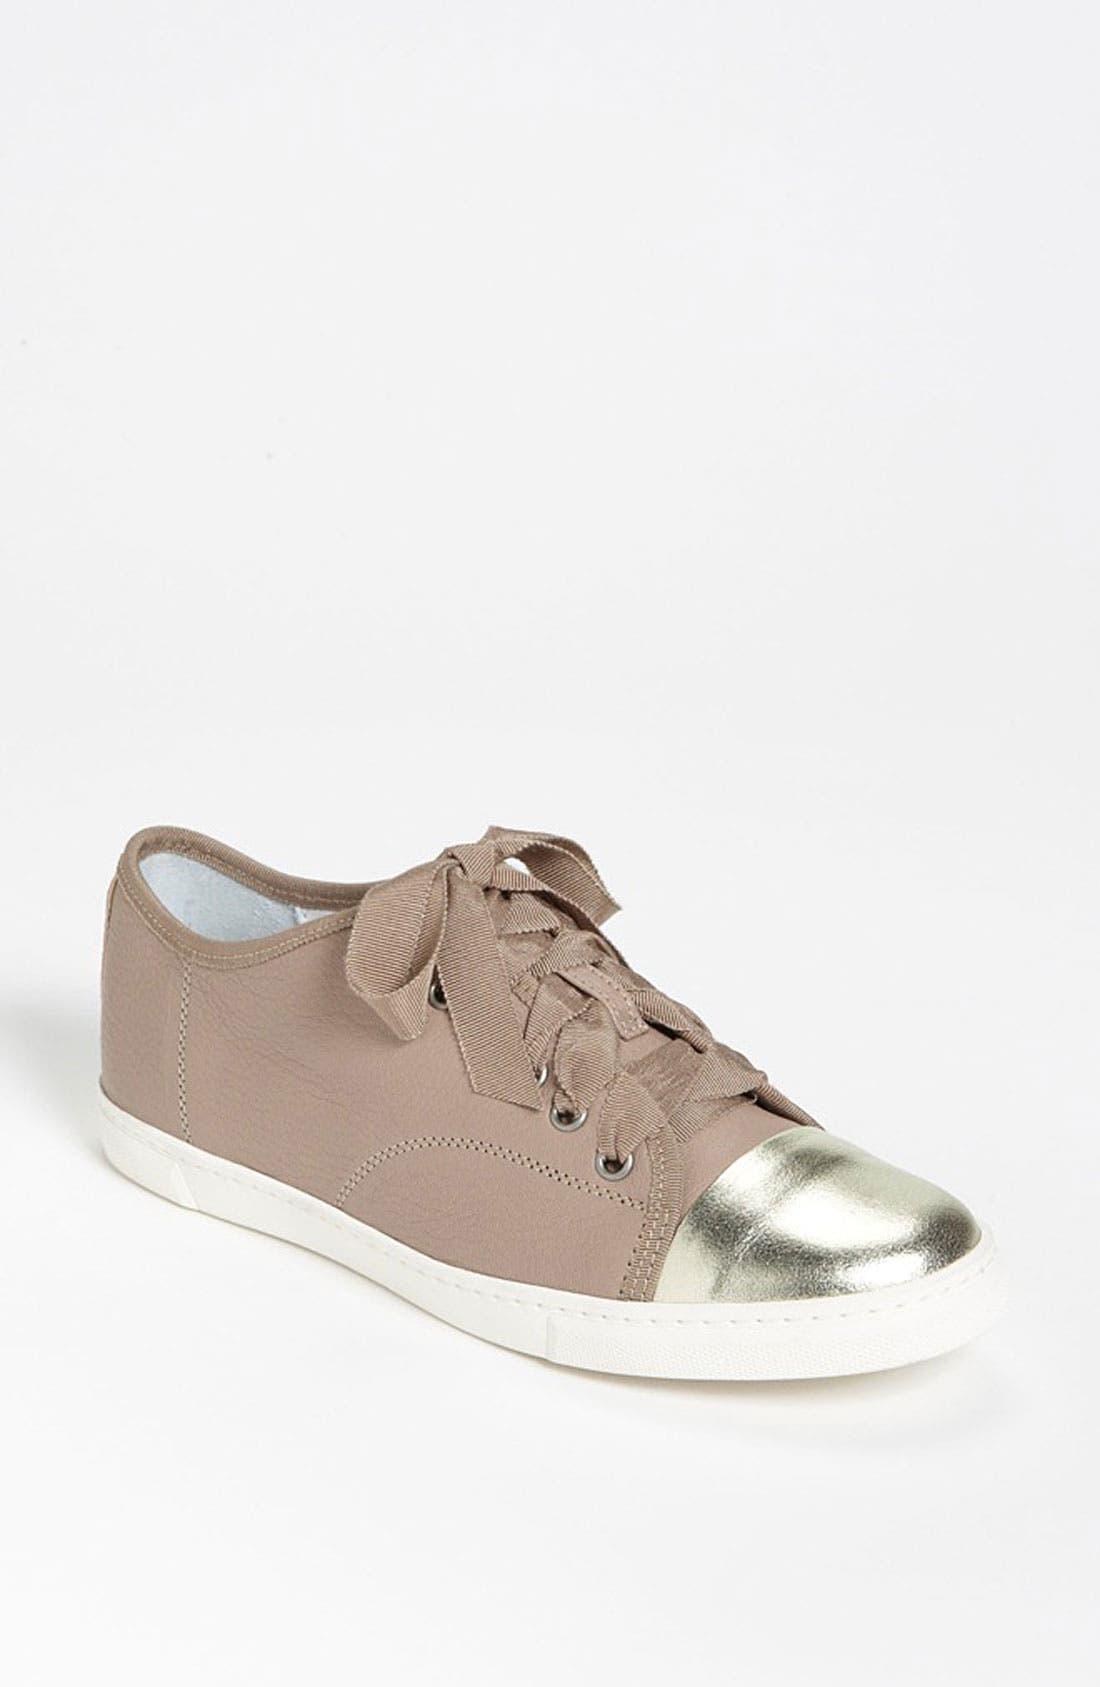 Alternate Image 1 Selected - Lanvin Cap Toe Sneaker